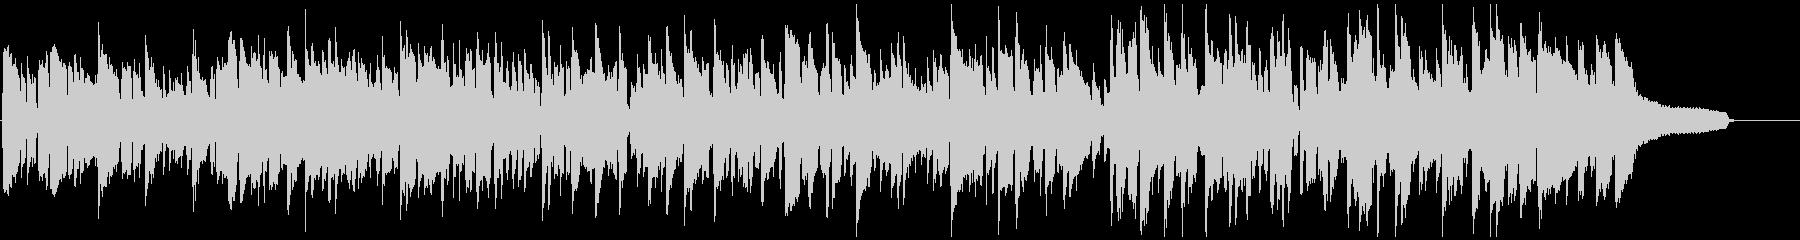 キュートで切ないリコーダーのボサノバの未再生の波形